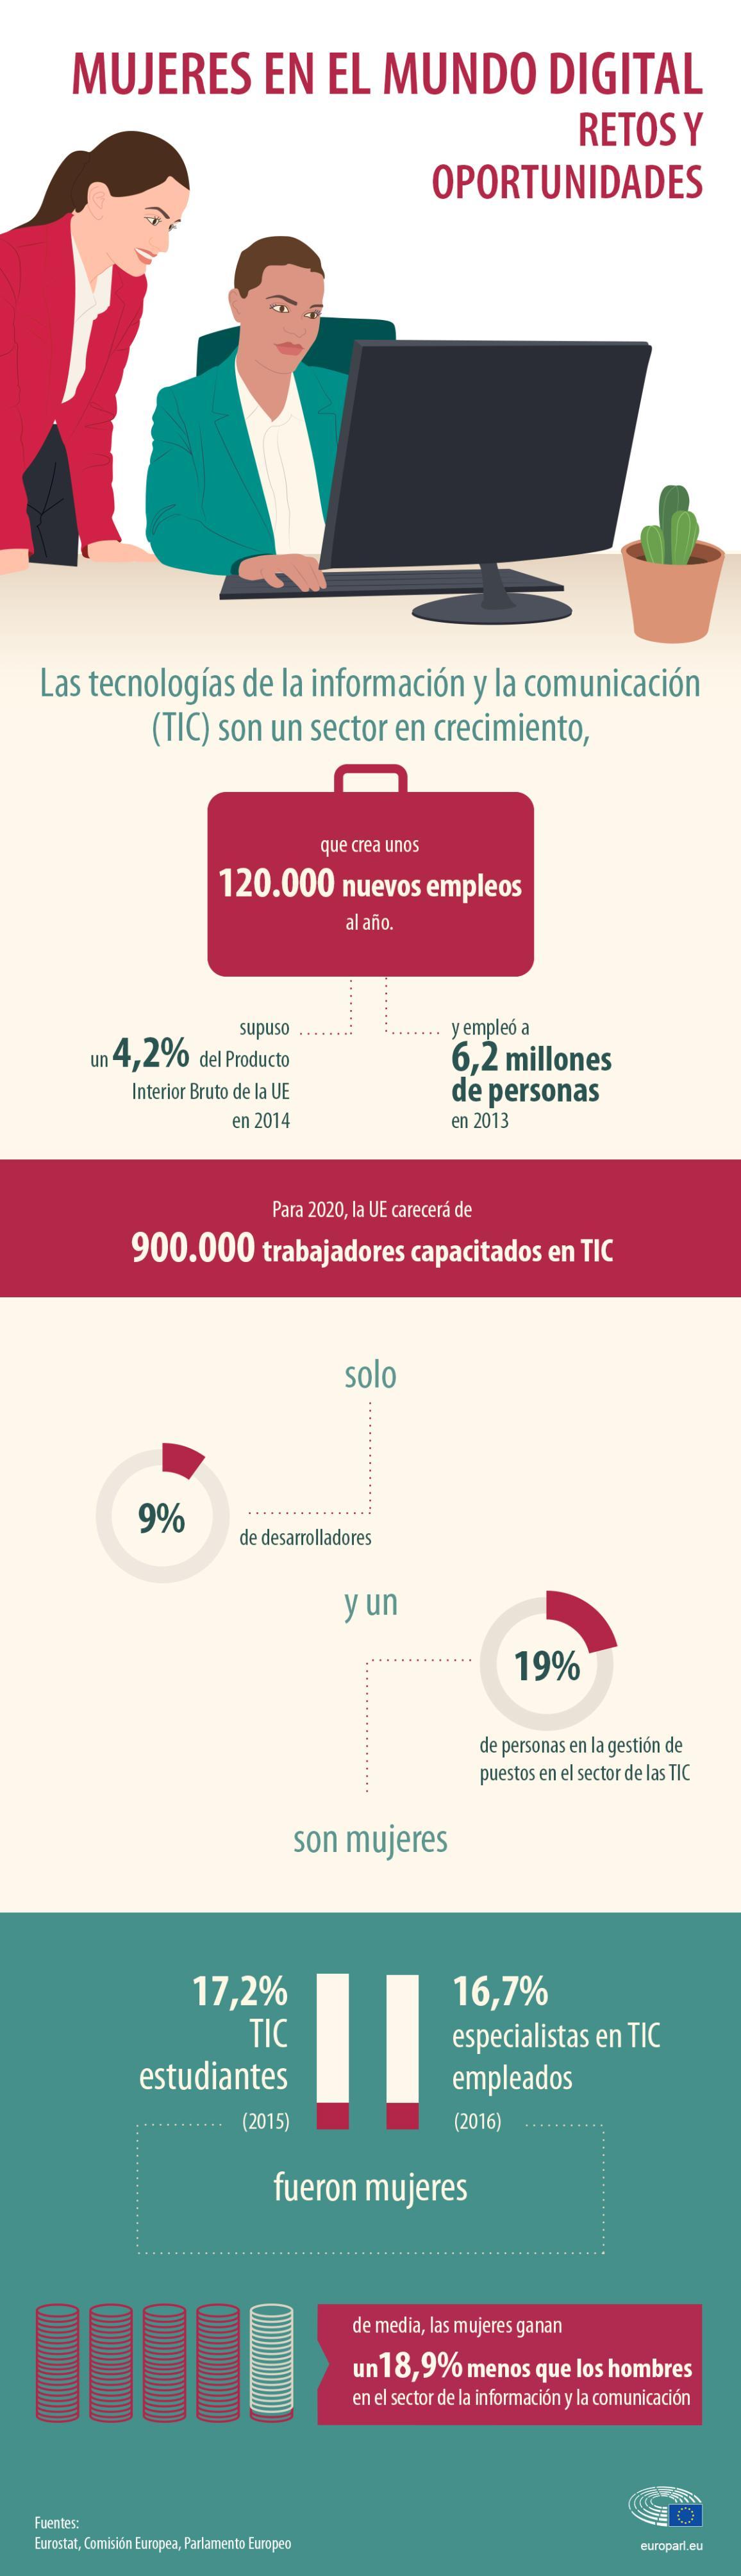 Infografía sobre la presencia de las mujeres en el sector de las TIC